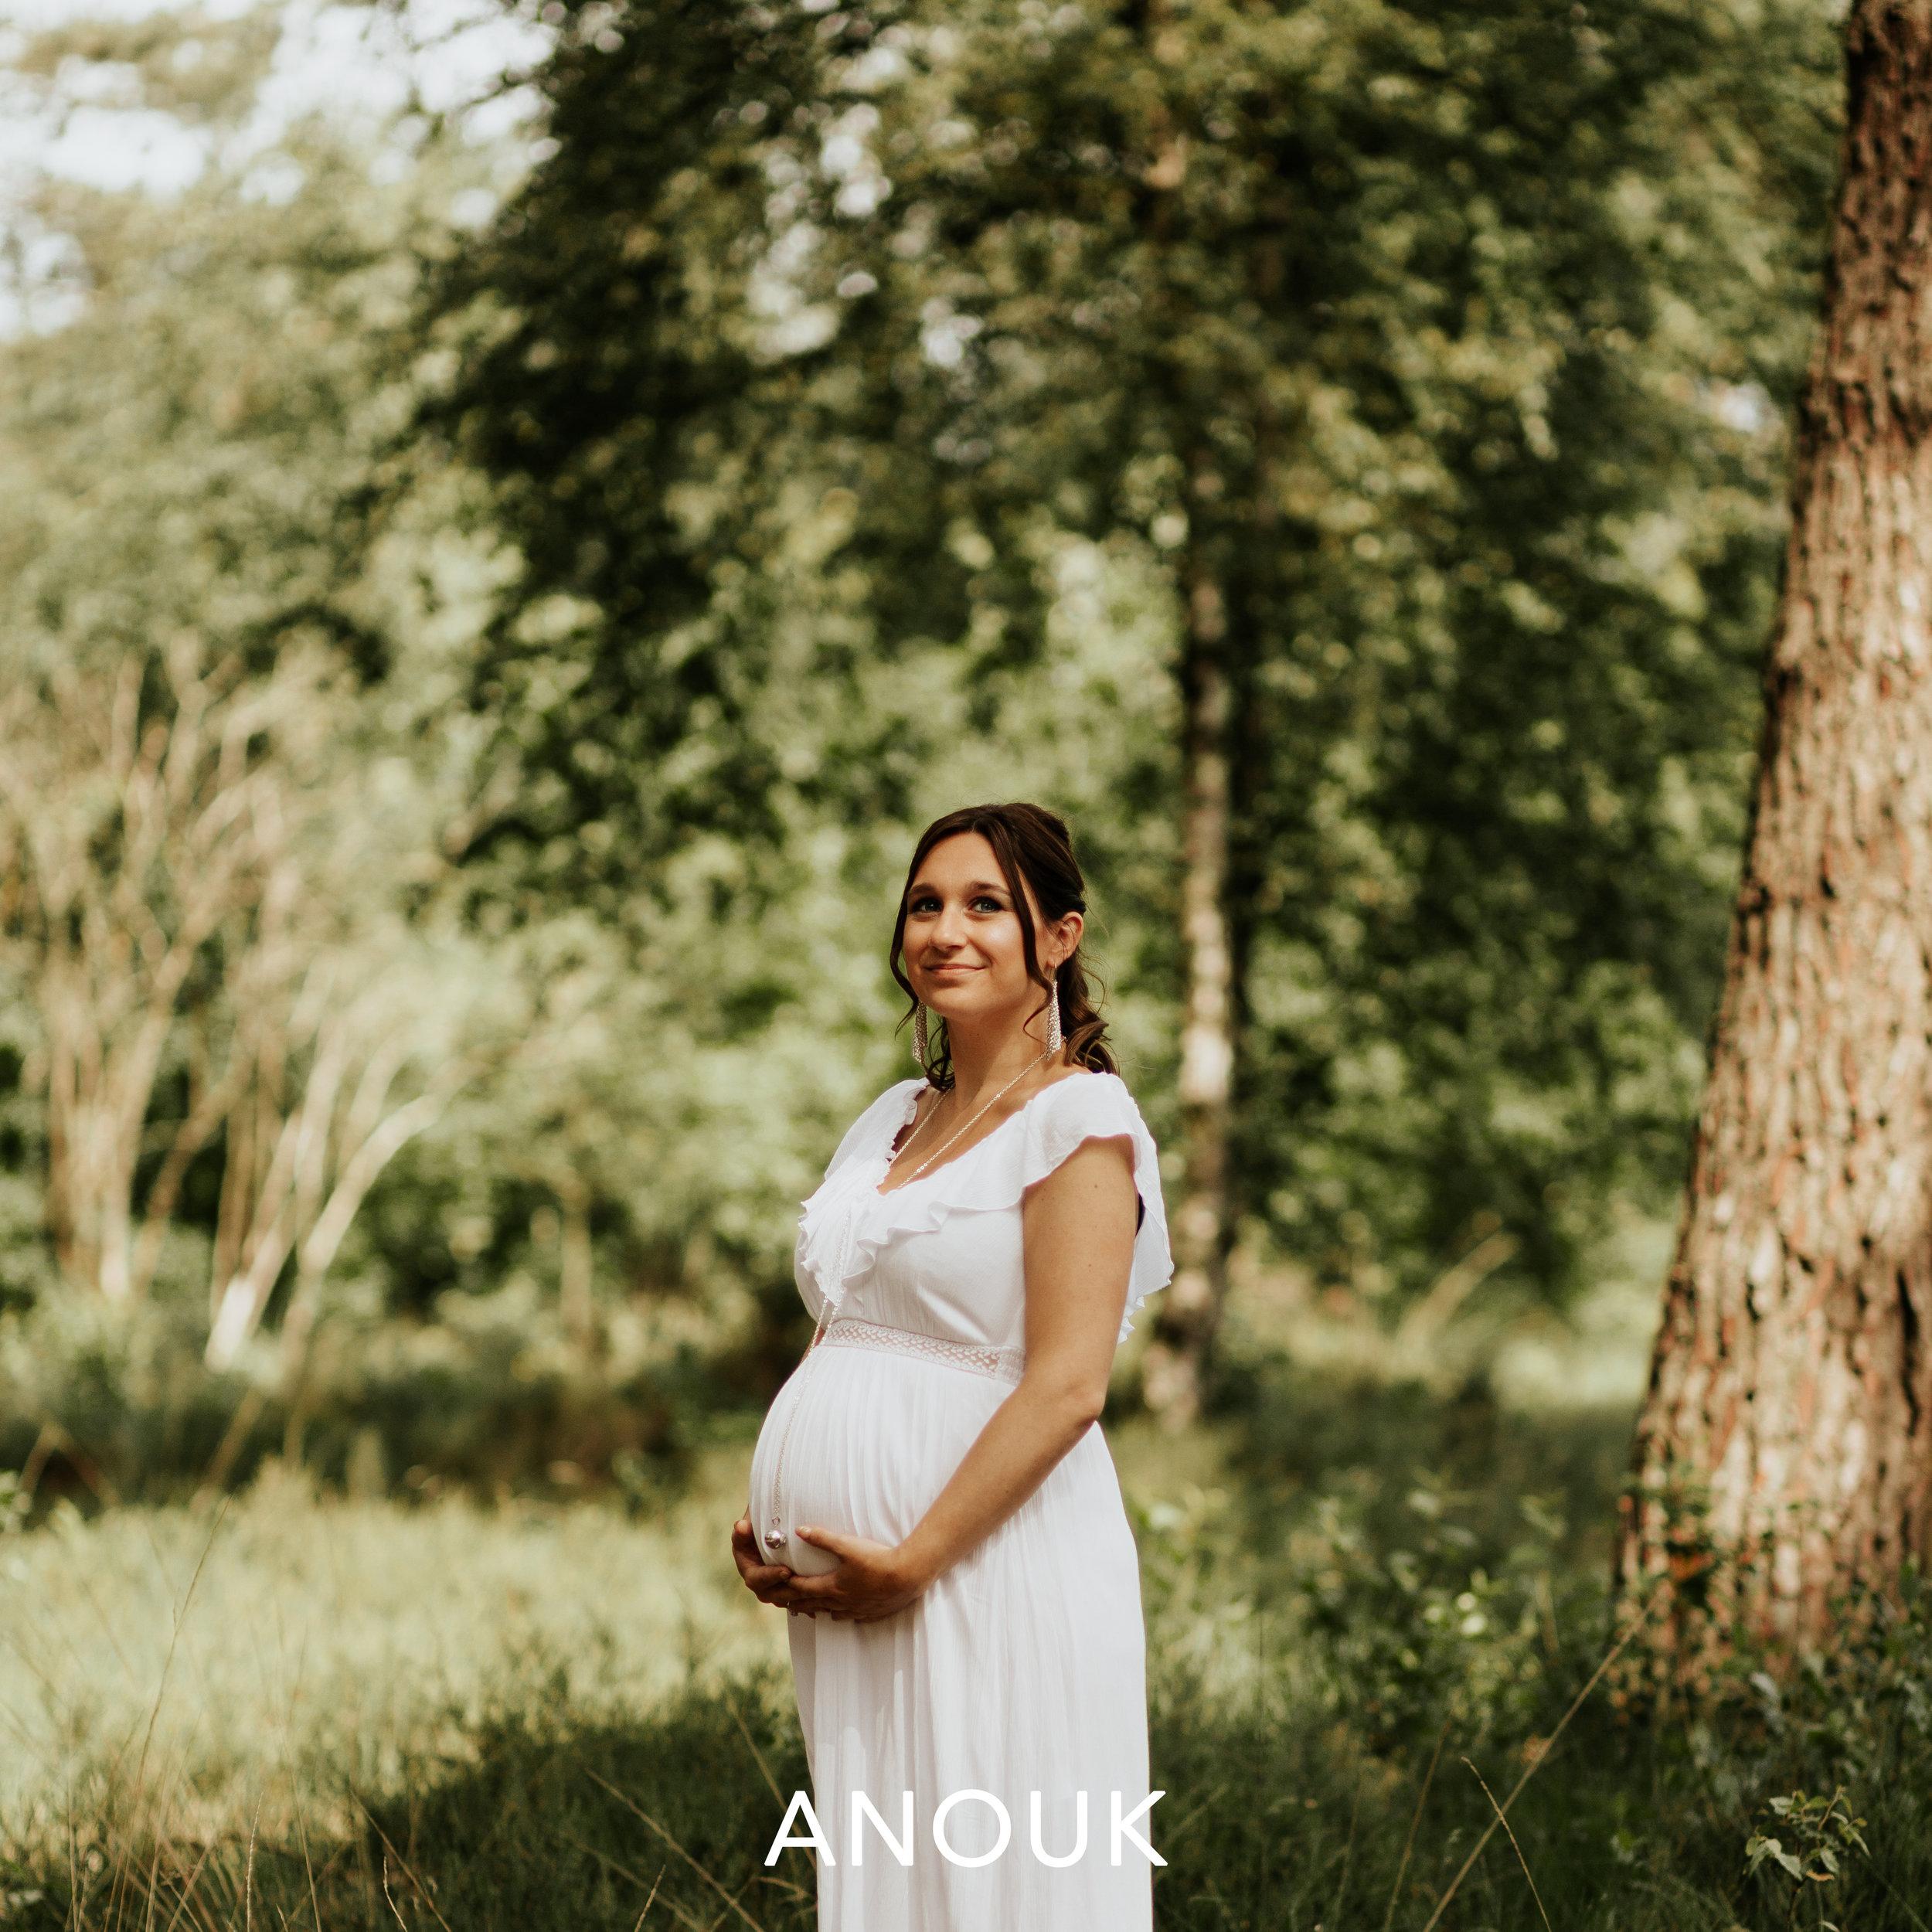 zwangerschapsfotografie herentals lisa helsen photography anouk de cnodder zwangerschapsfotograaf zwangerschapsfoto